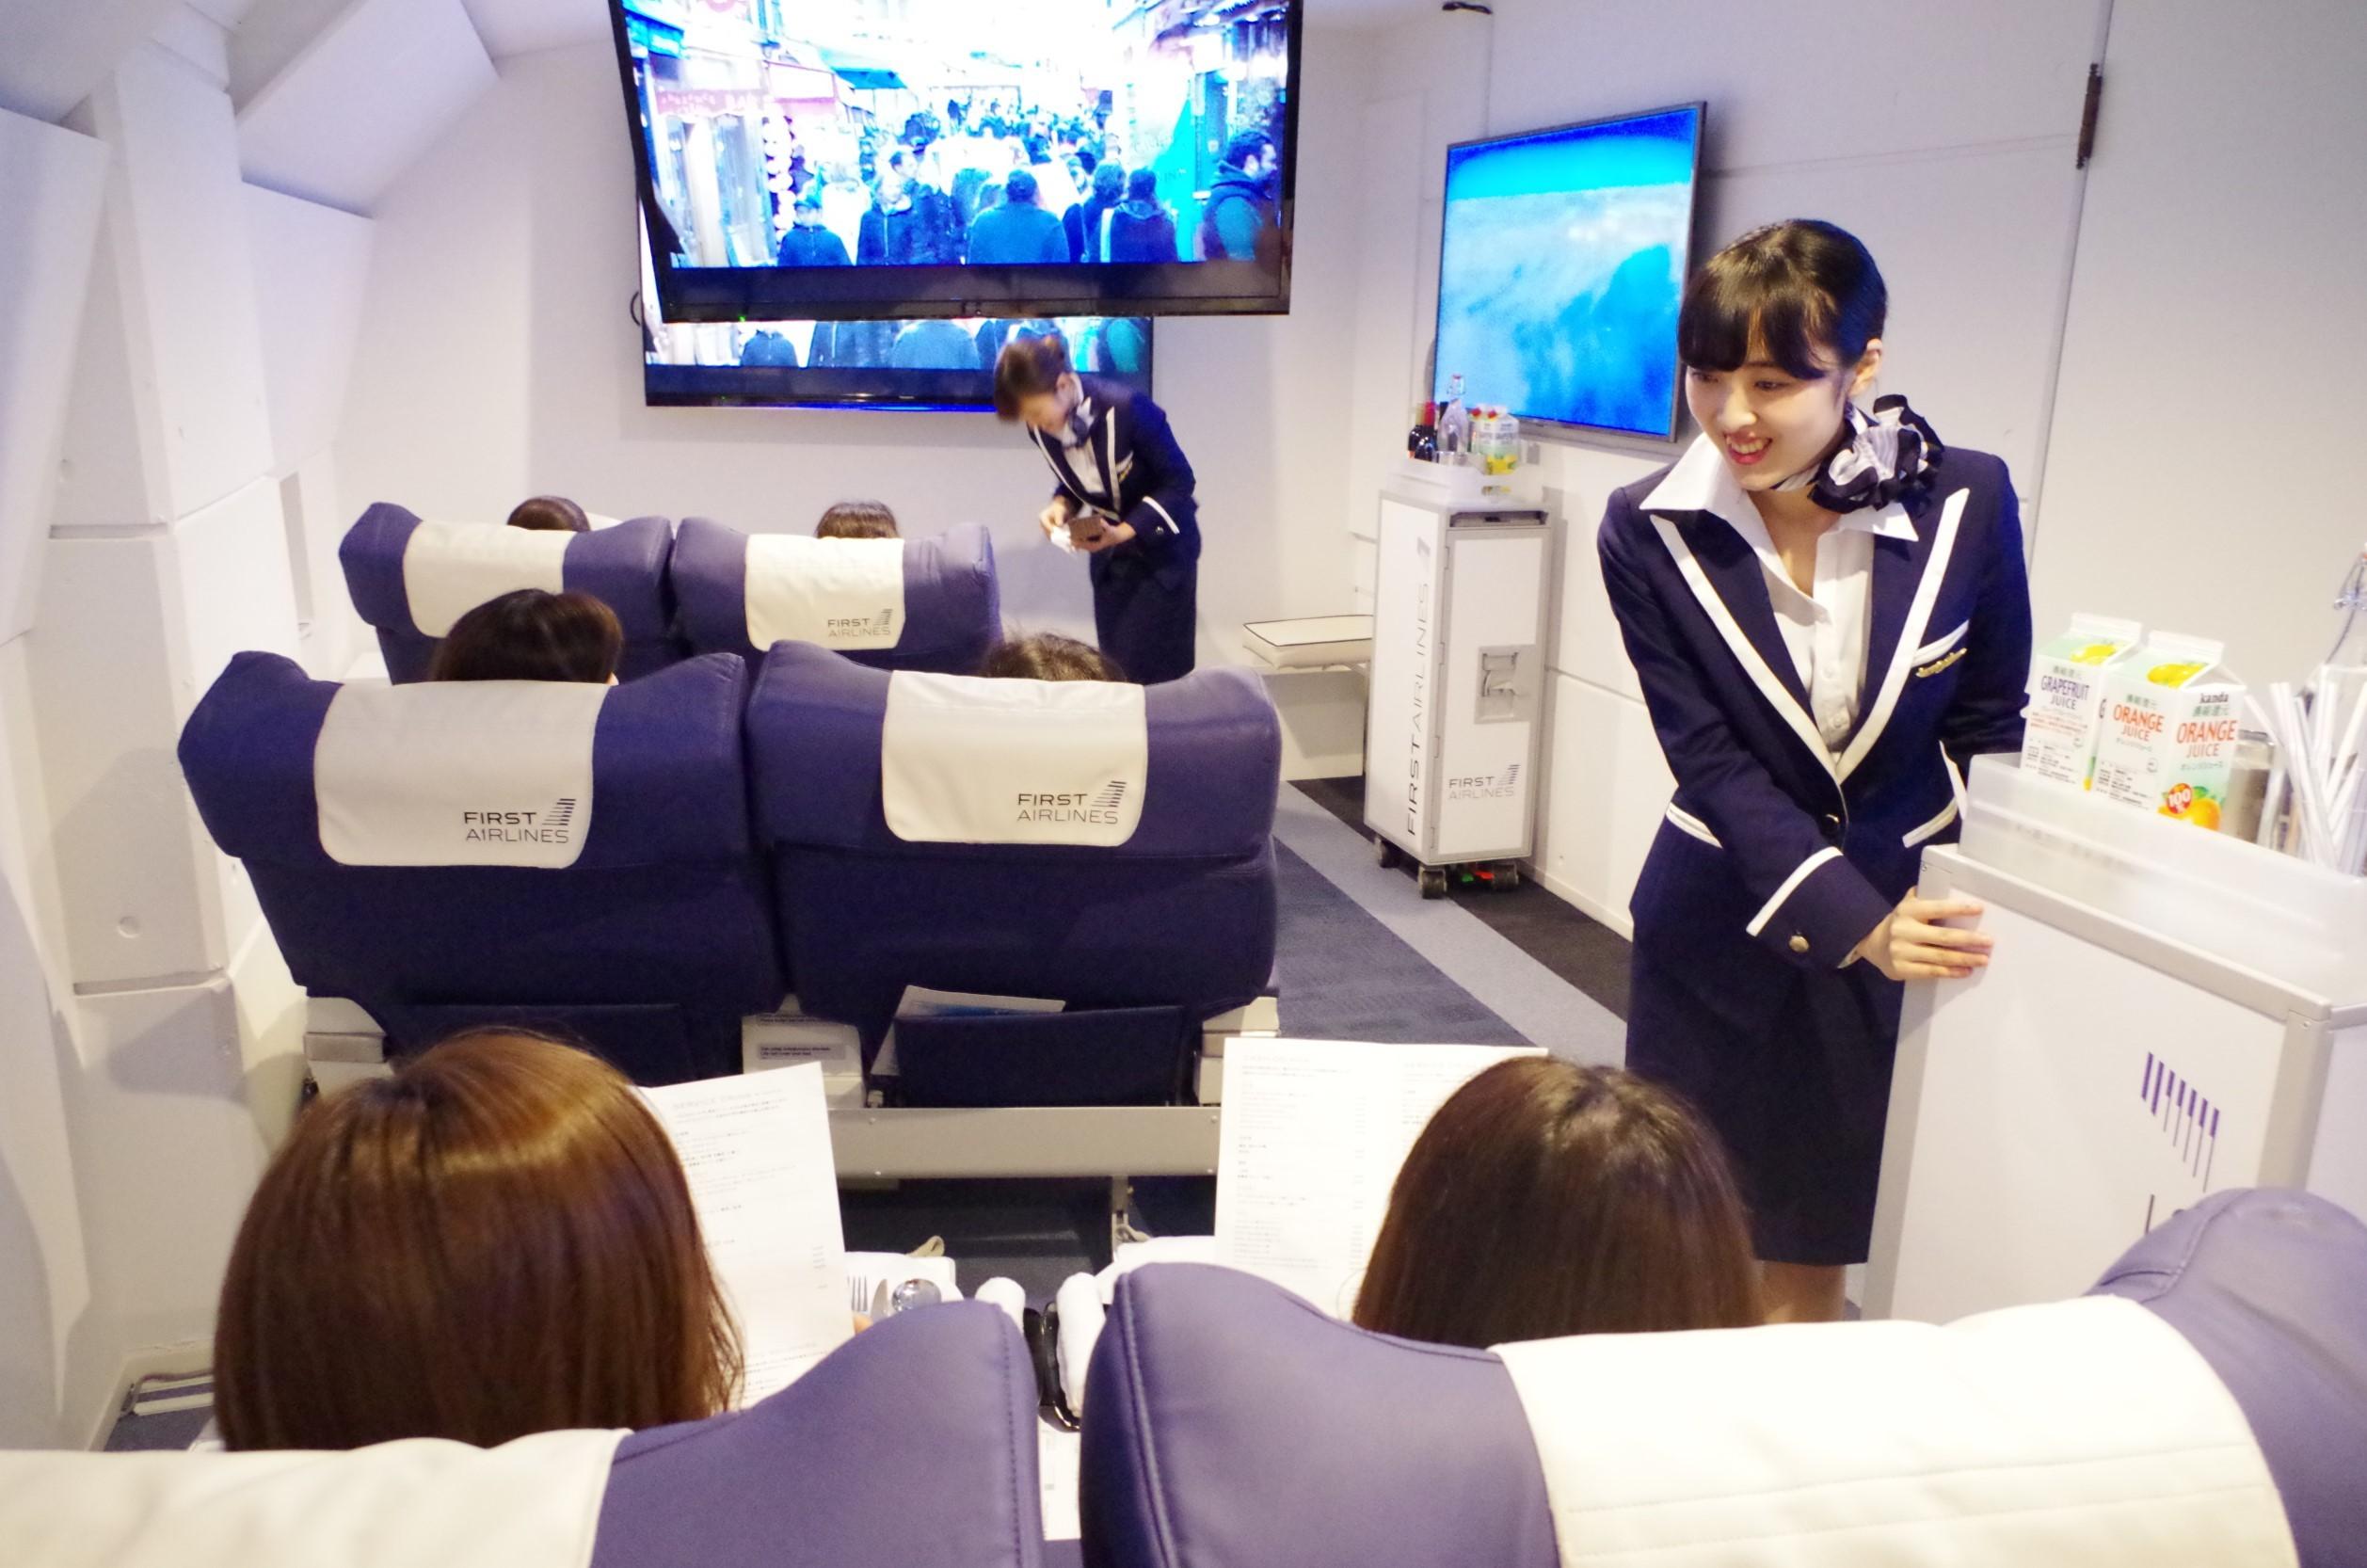 地上にいながら飛行機に!?ファーストクラスに6600円で乗れる!?_1_6